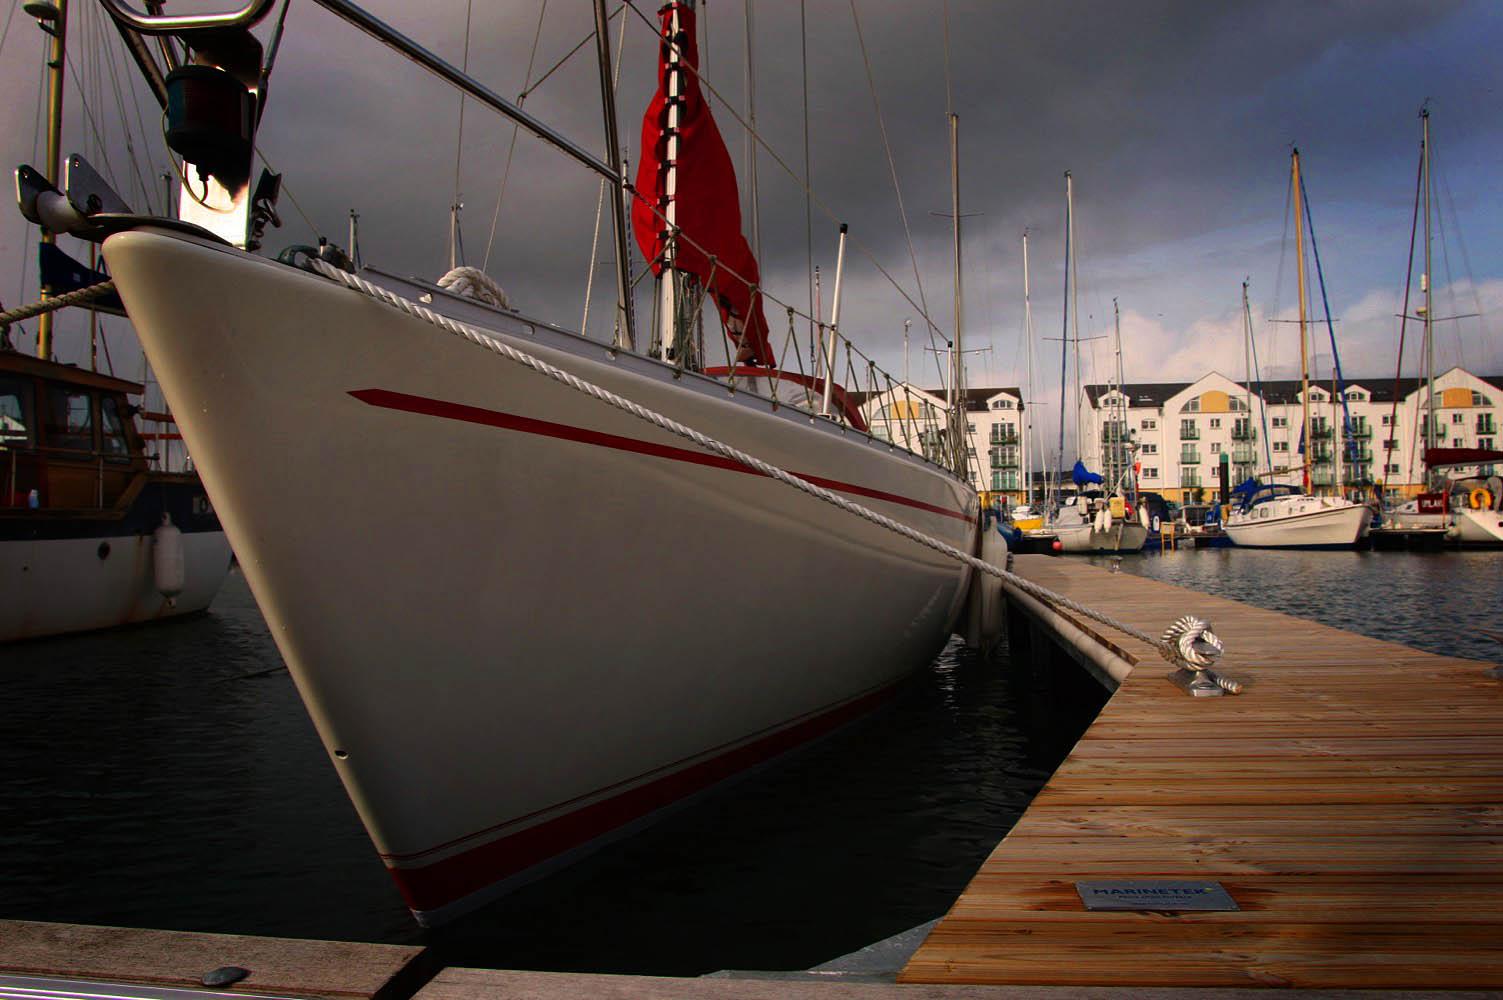 BoatMan Sails